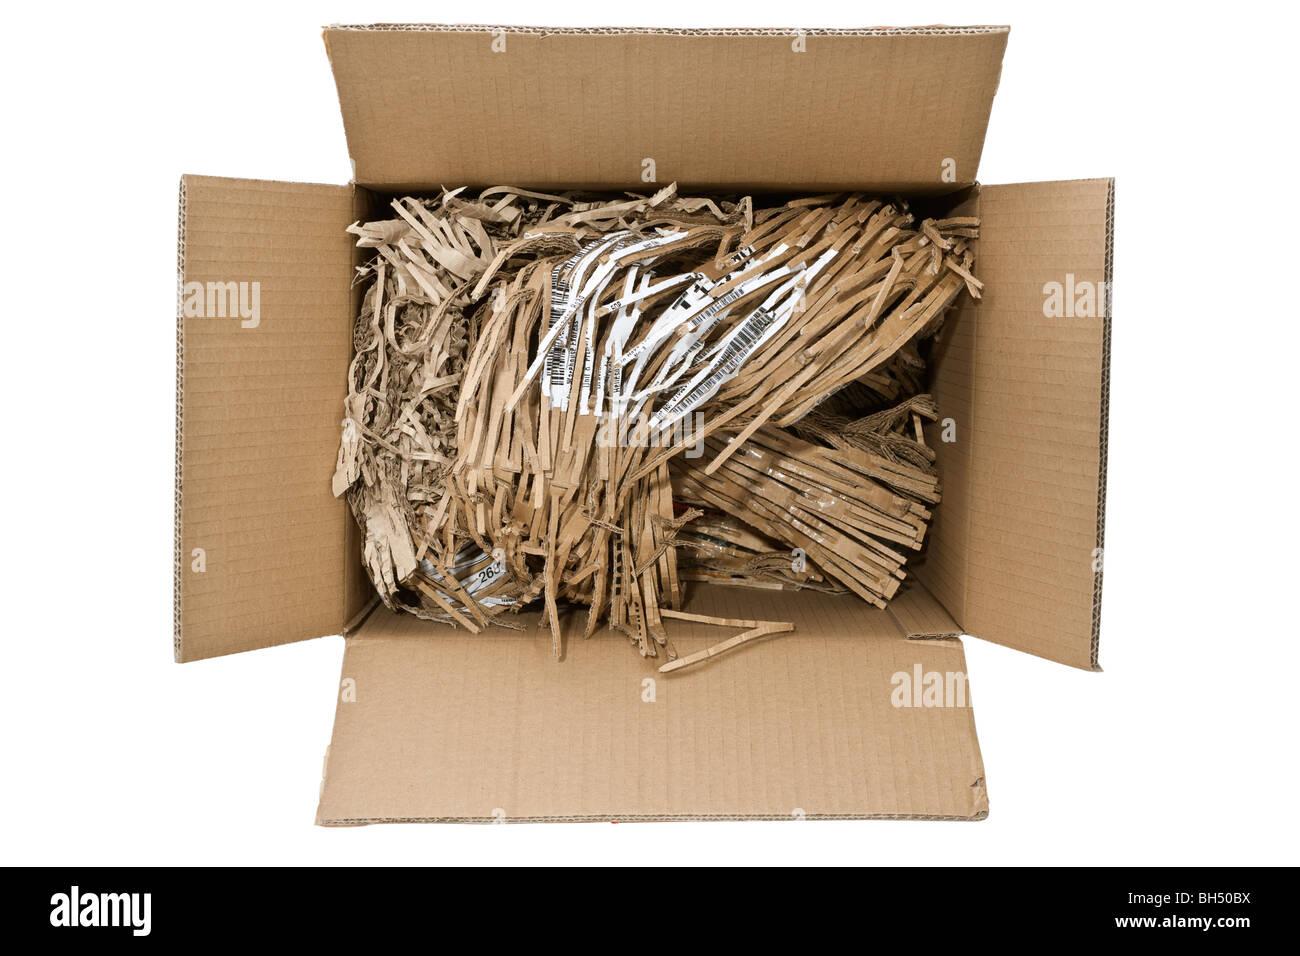 À l'intérieur d'une boîte en carton plein de matériel d'emballage recyclé carton Photo Stock